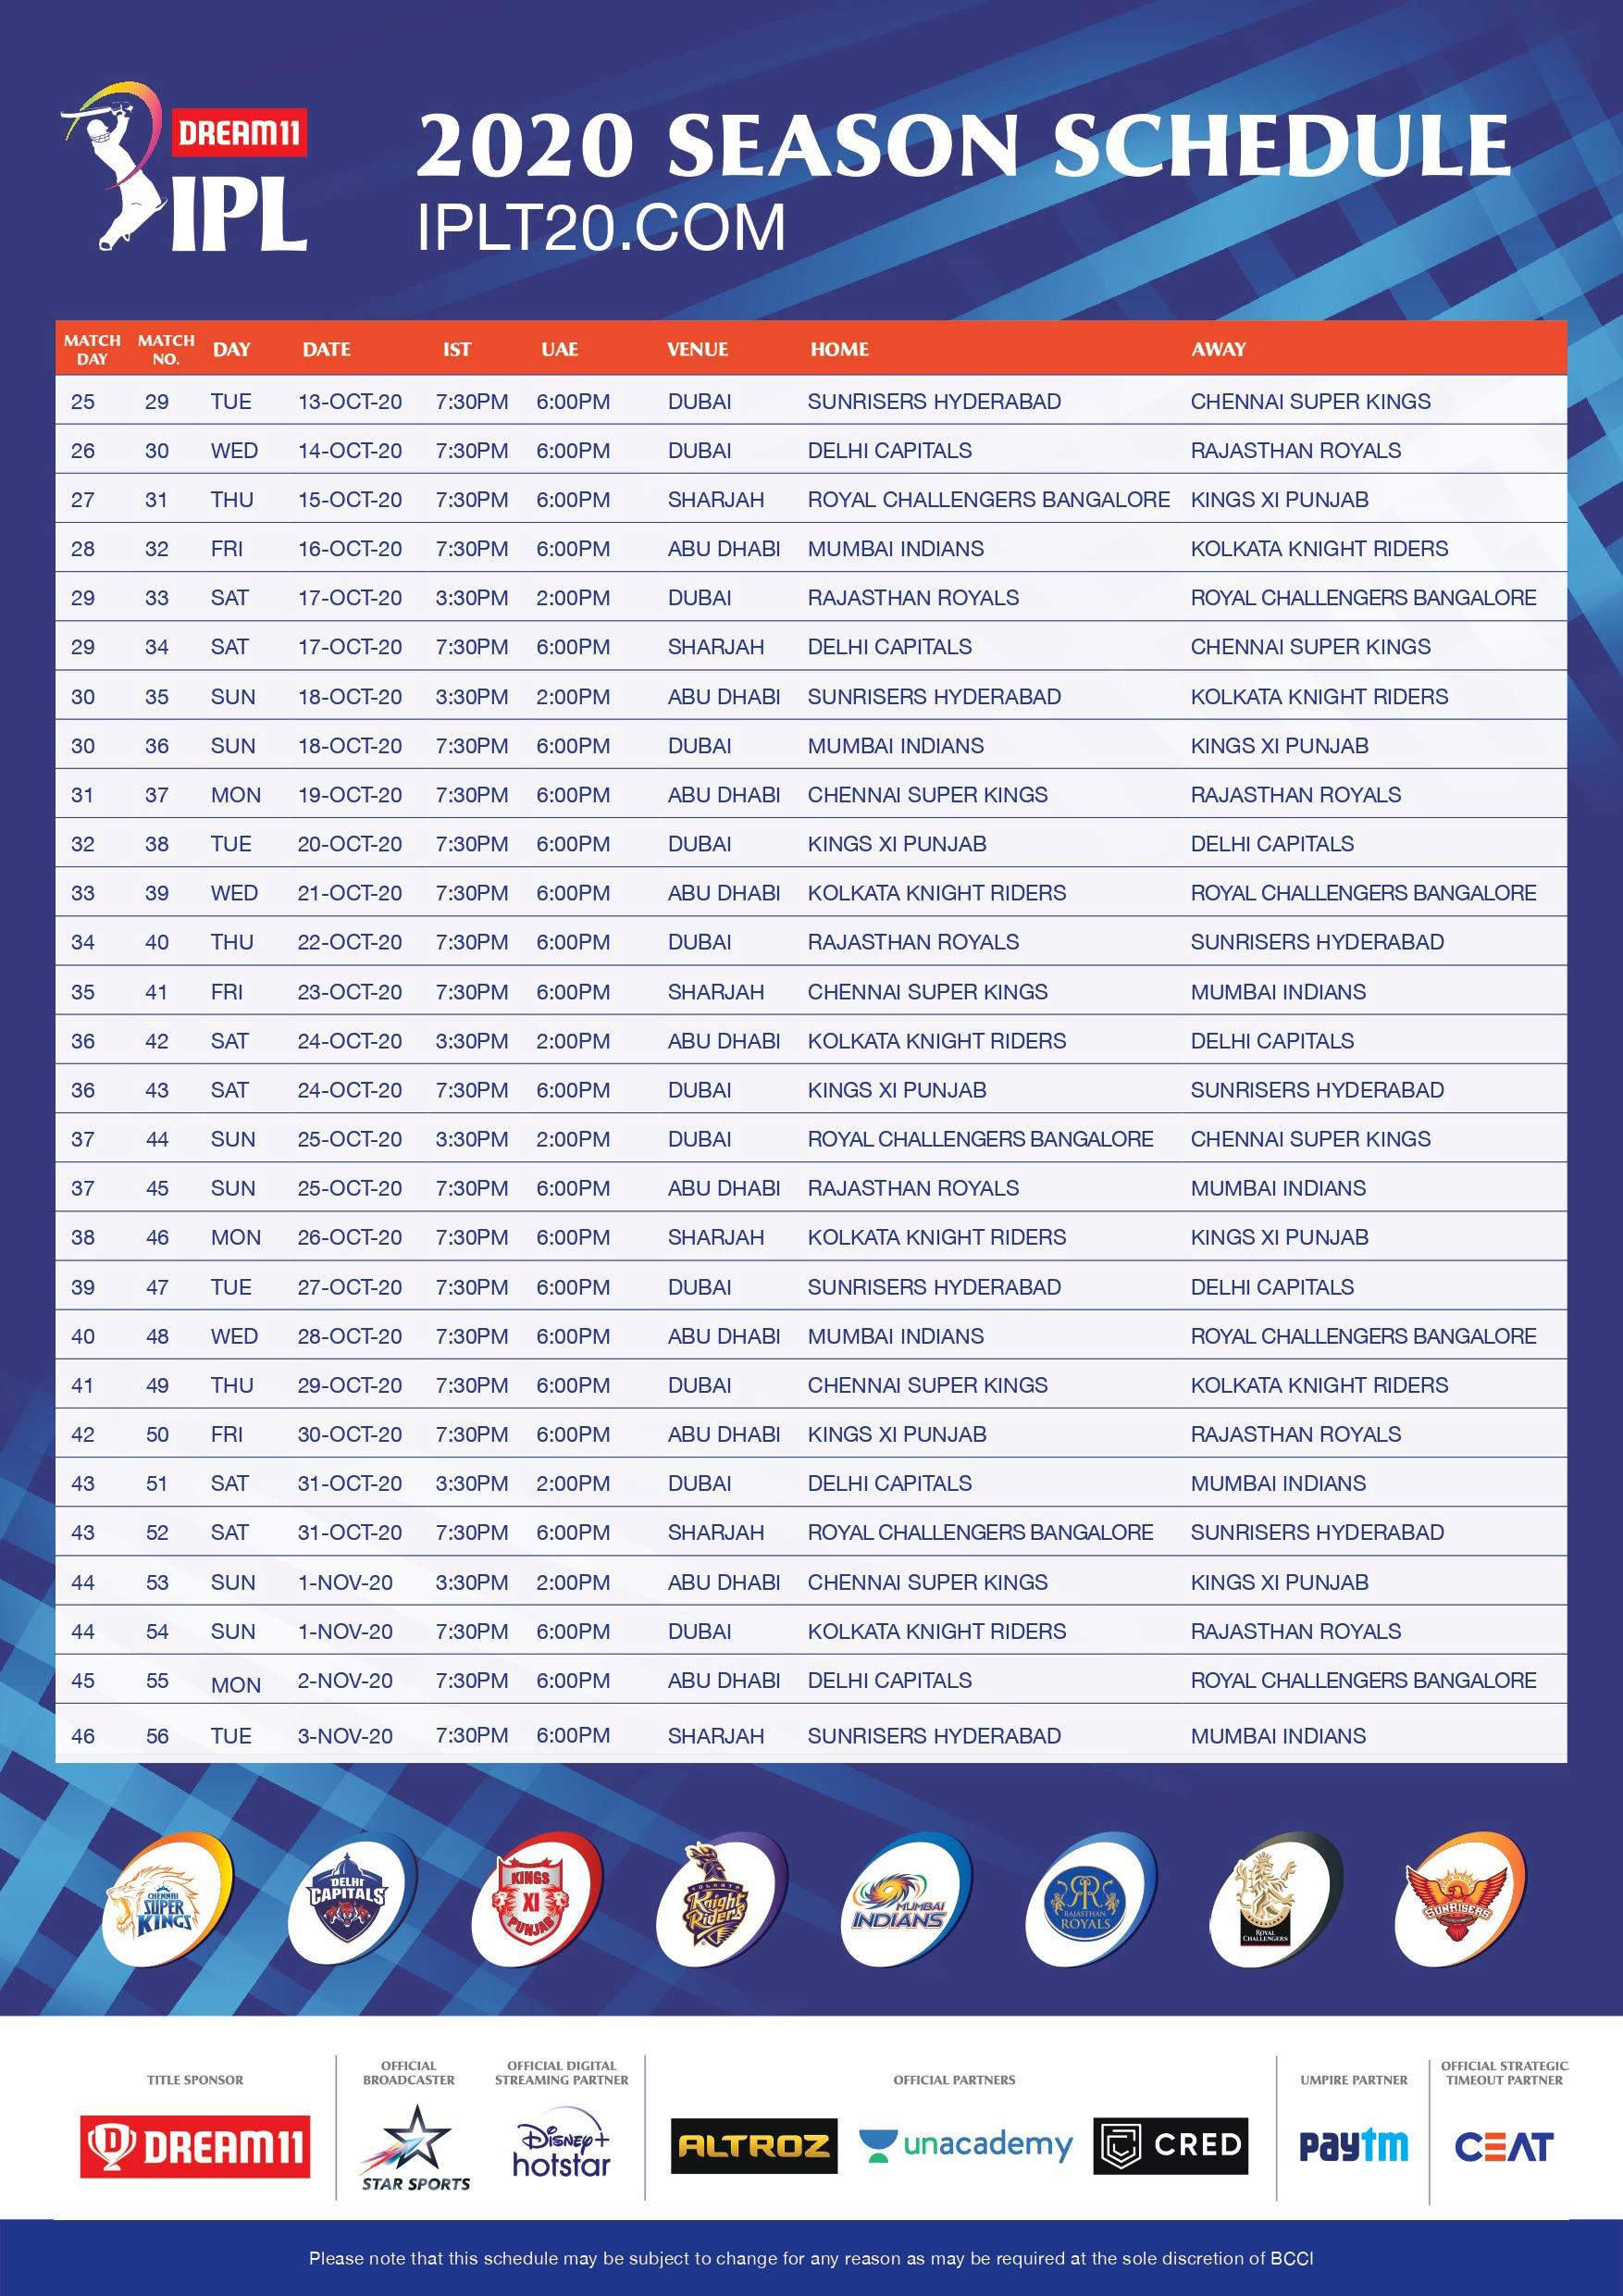 image-Dream-11-IPL-2020-Match-Schedule-UAE-mediabrief_page-0002